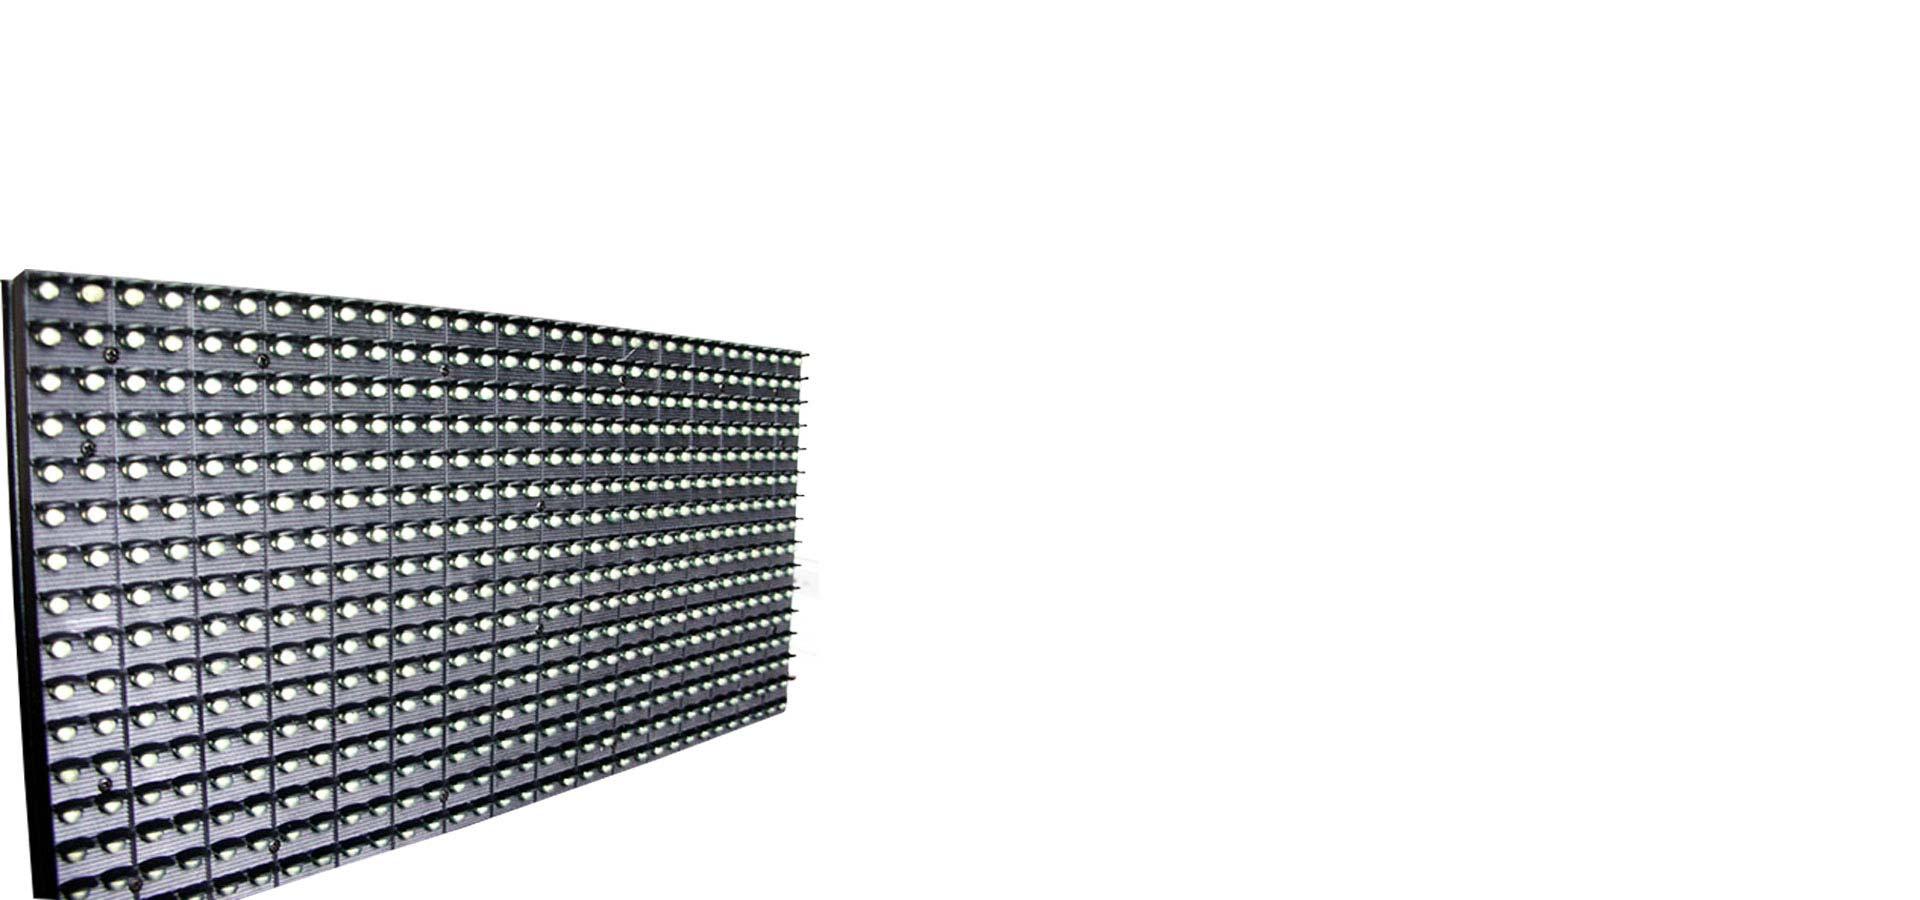 全彩LED软模组显示屏